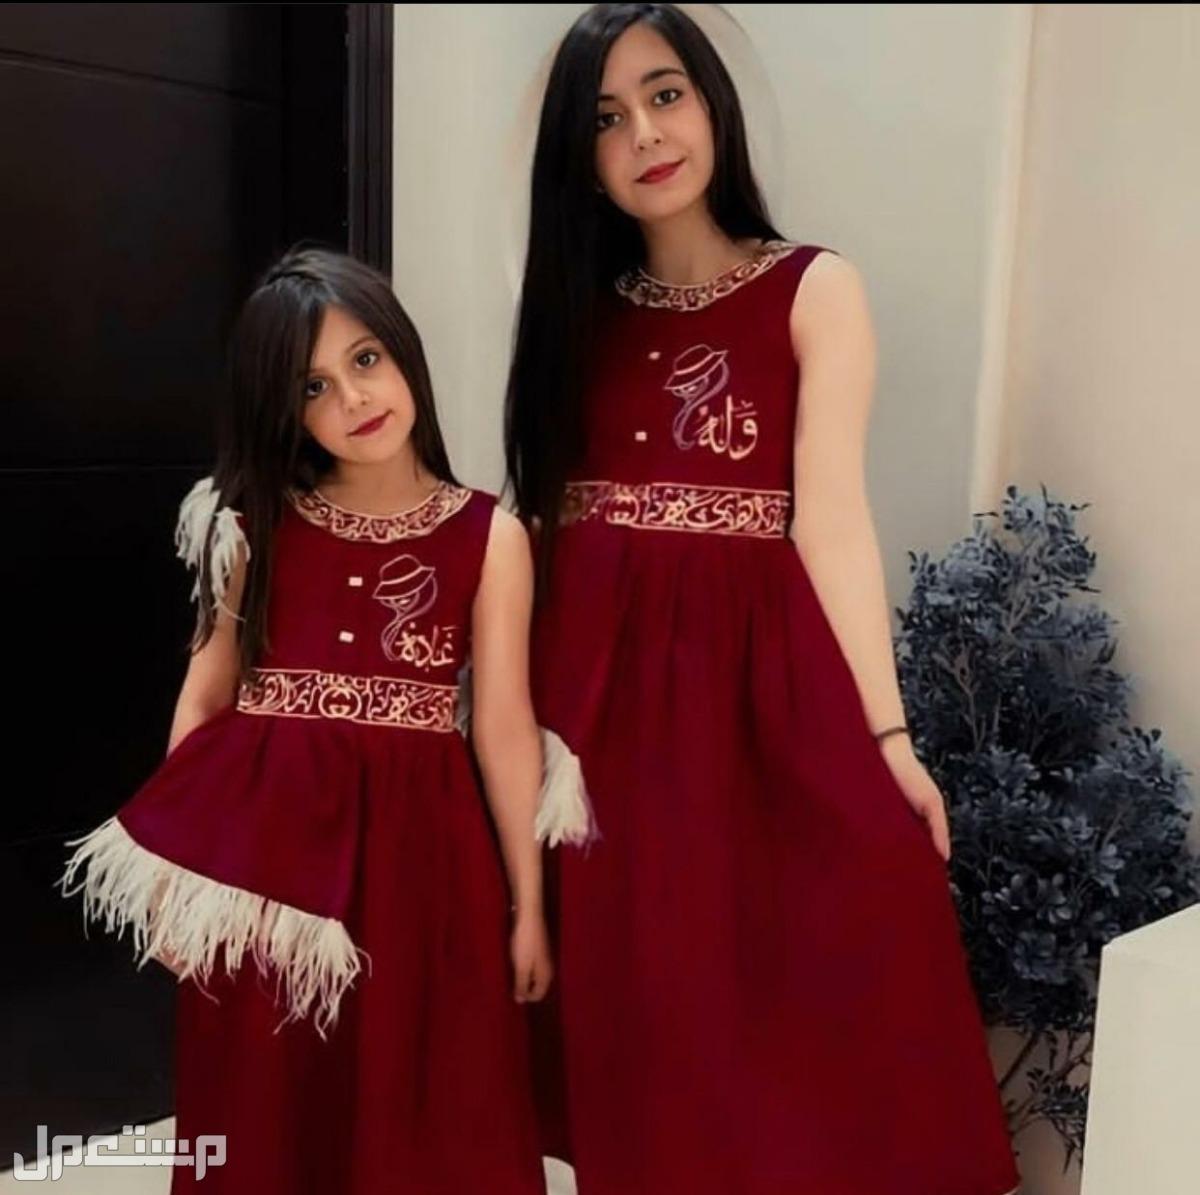 فساتين بناتي روعة لللعيد مع تطريز الاسم